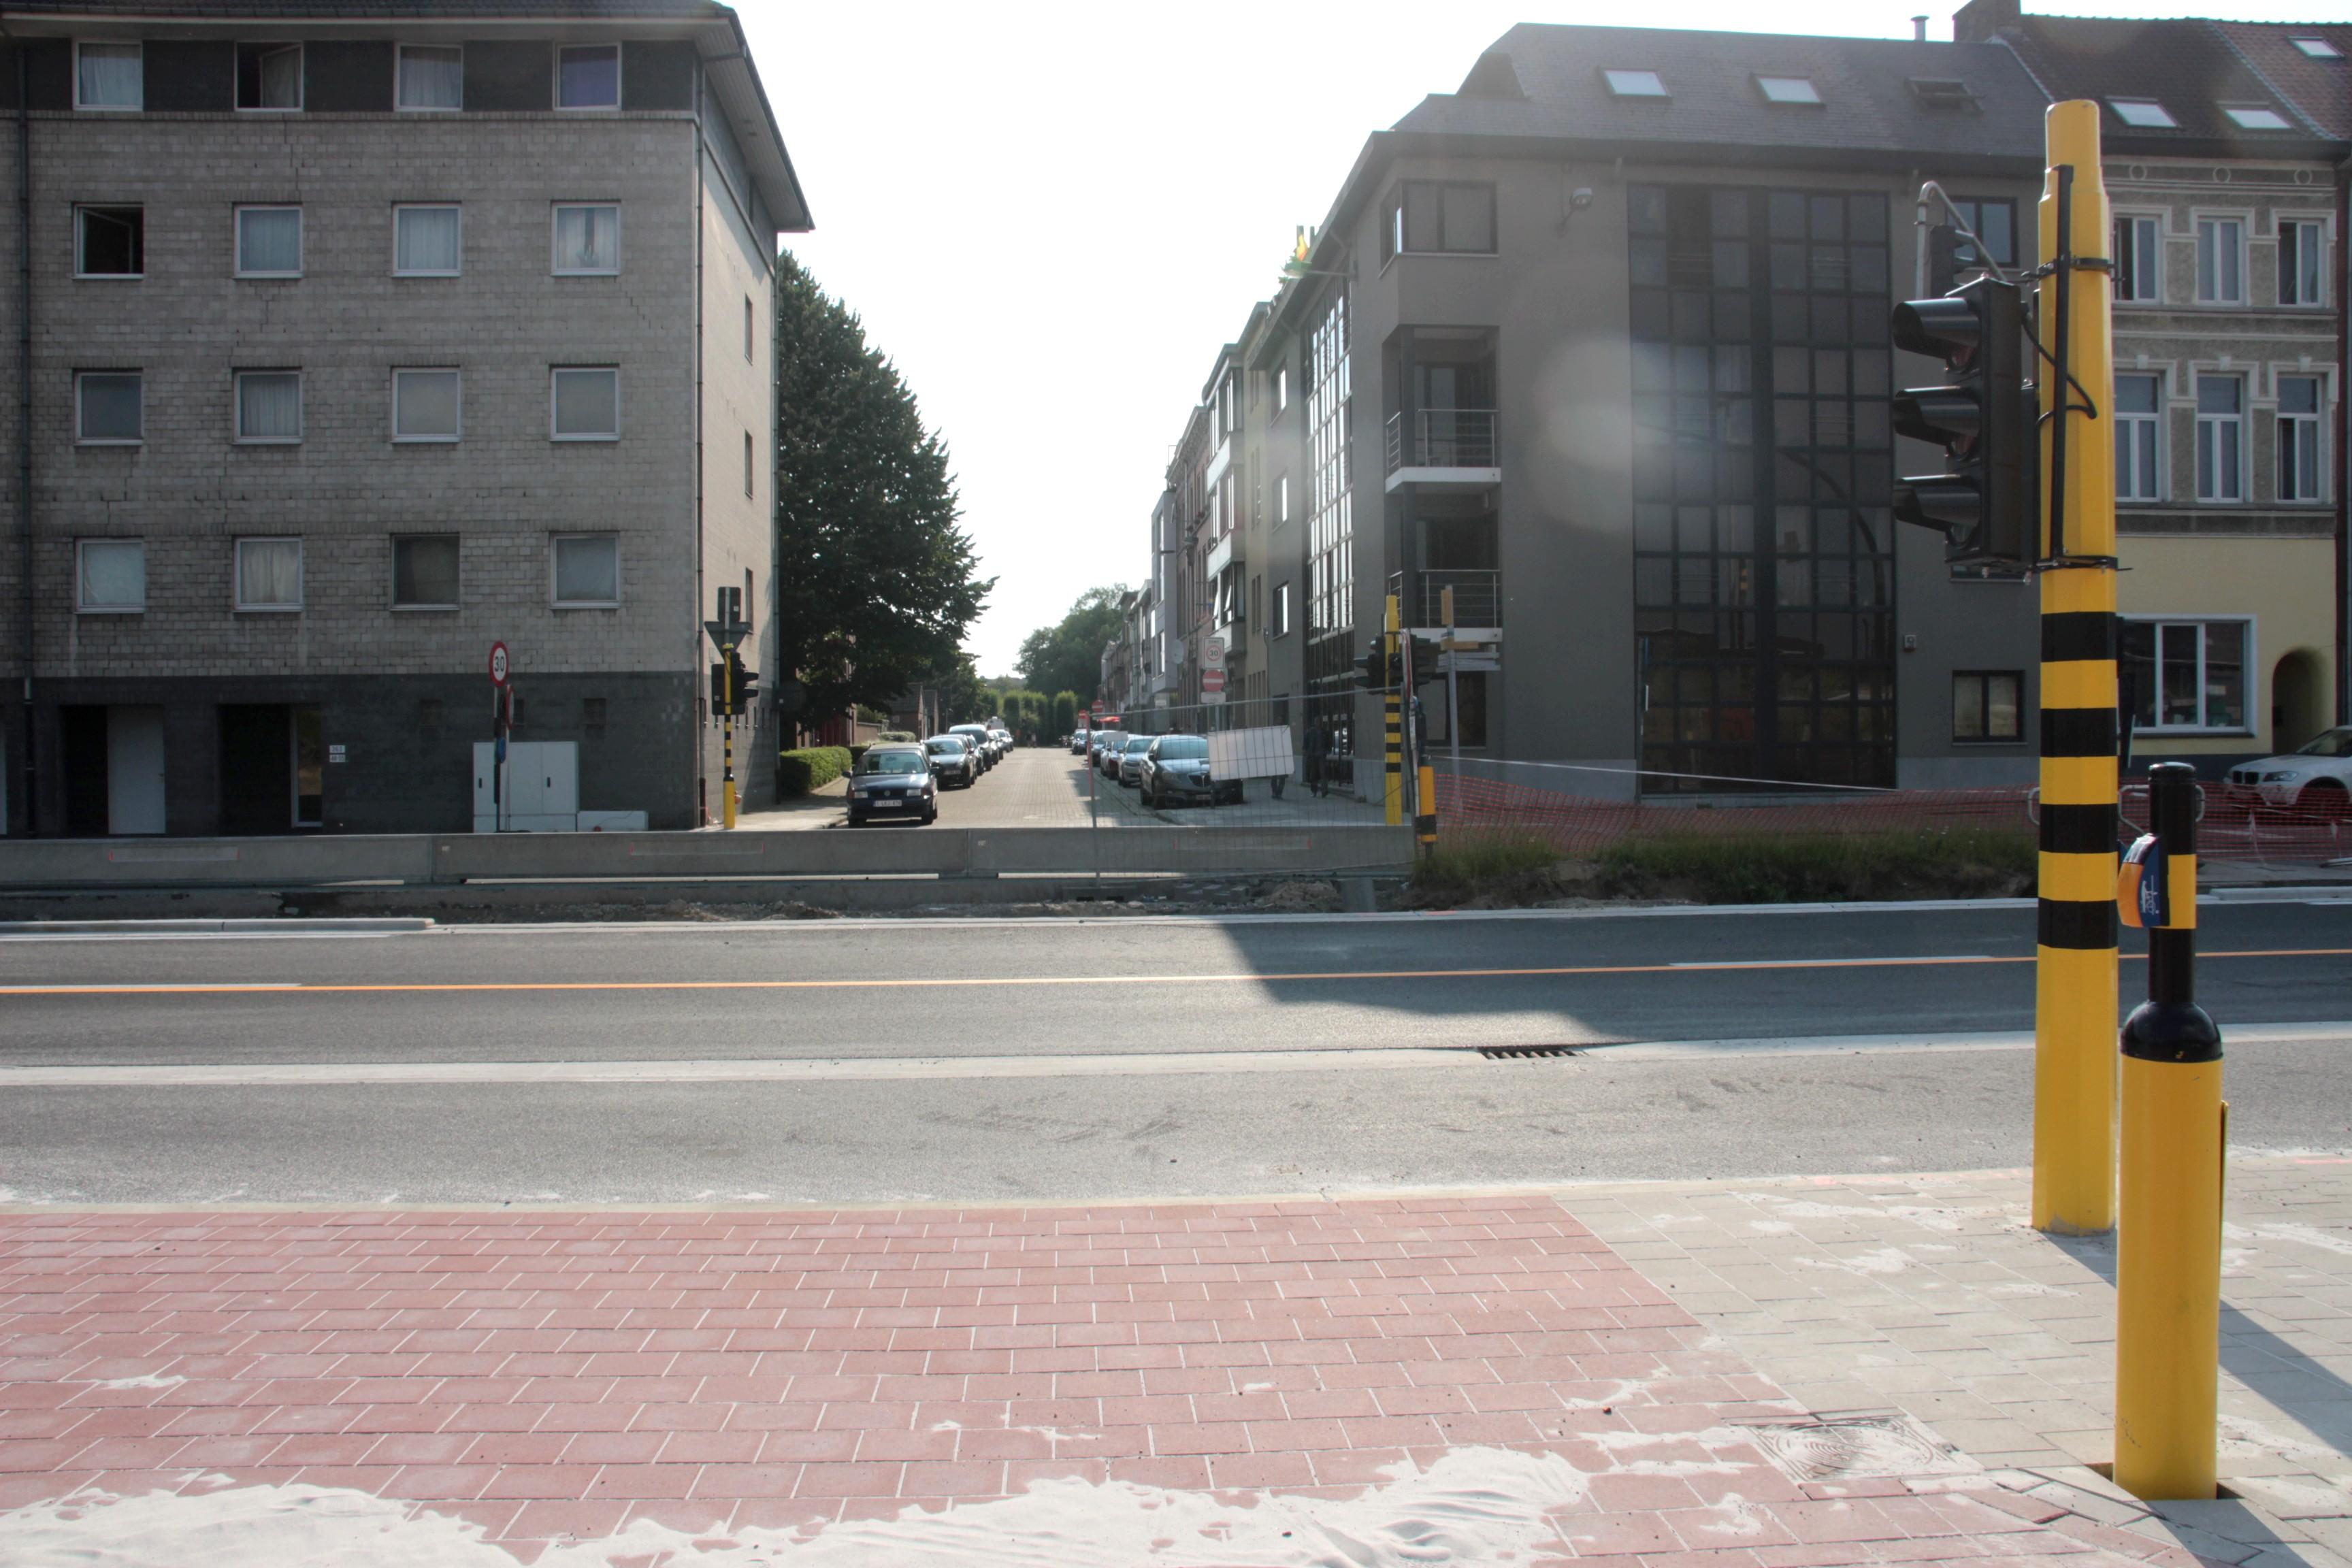 18jul16, Kasteellaan / Gandastraat